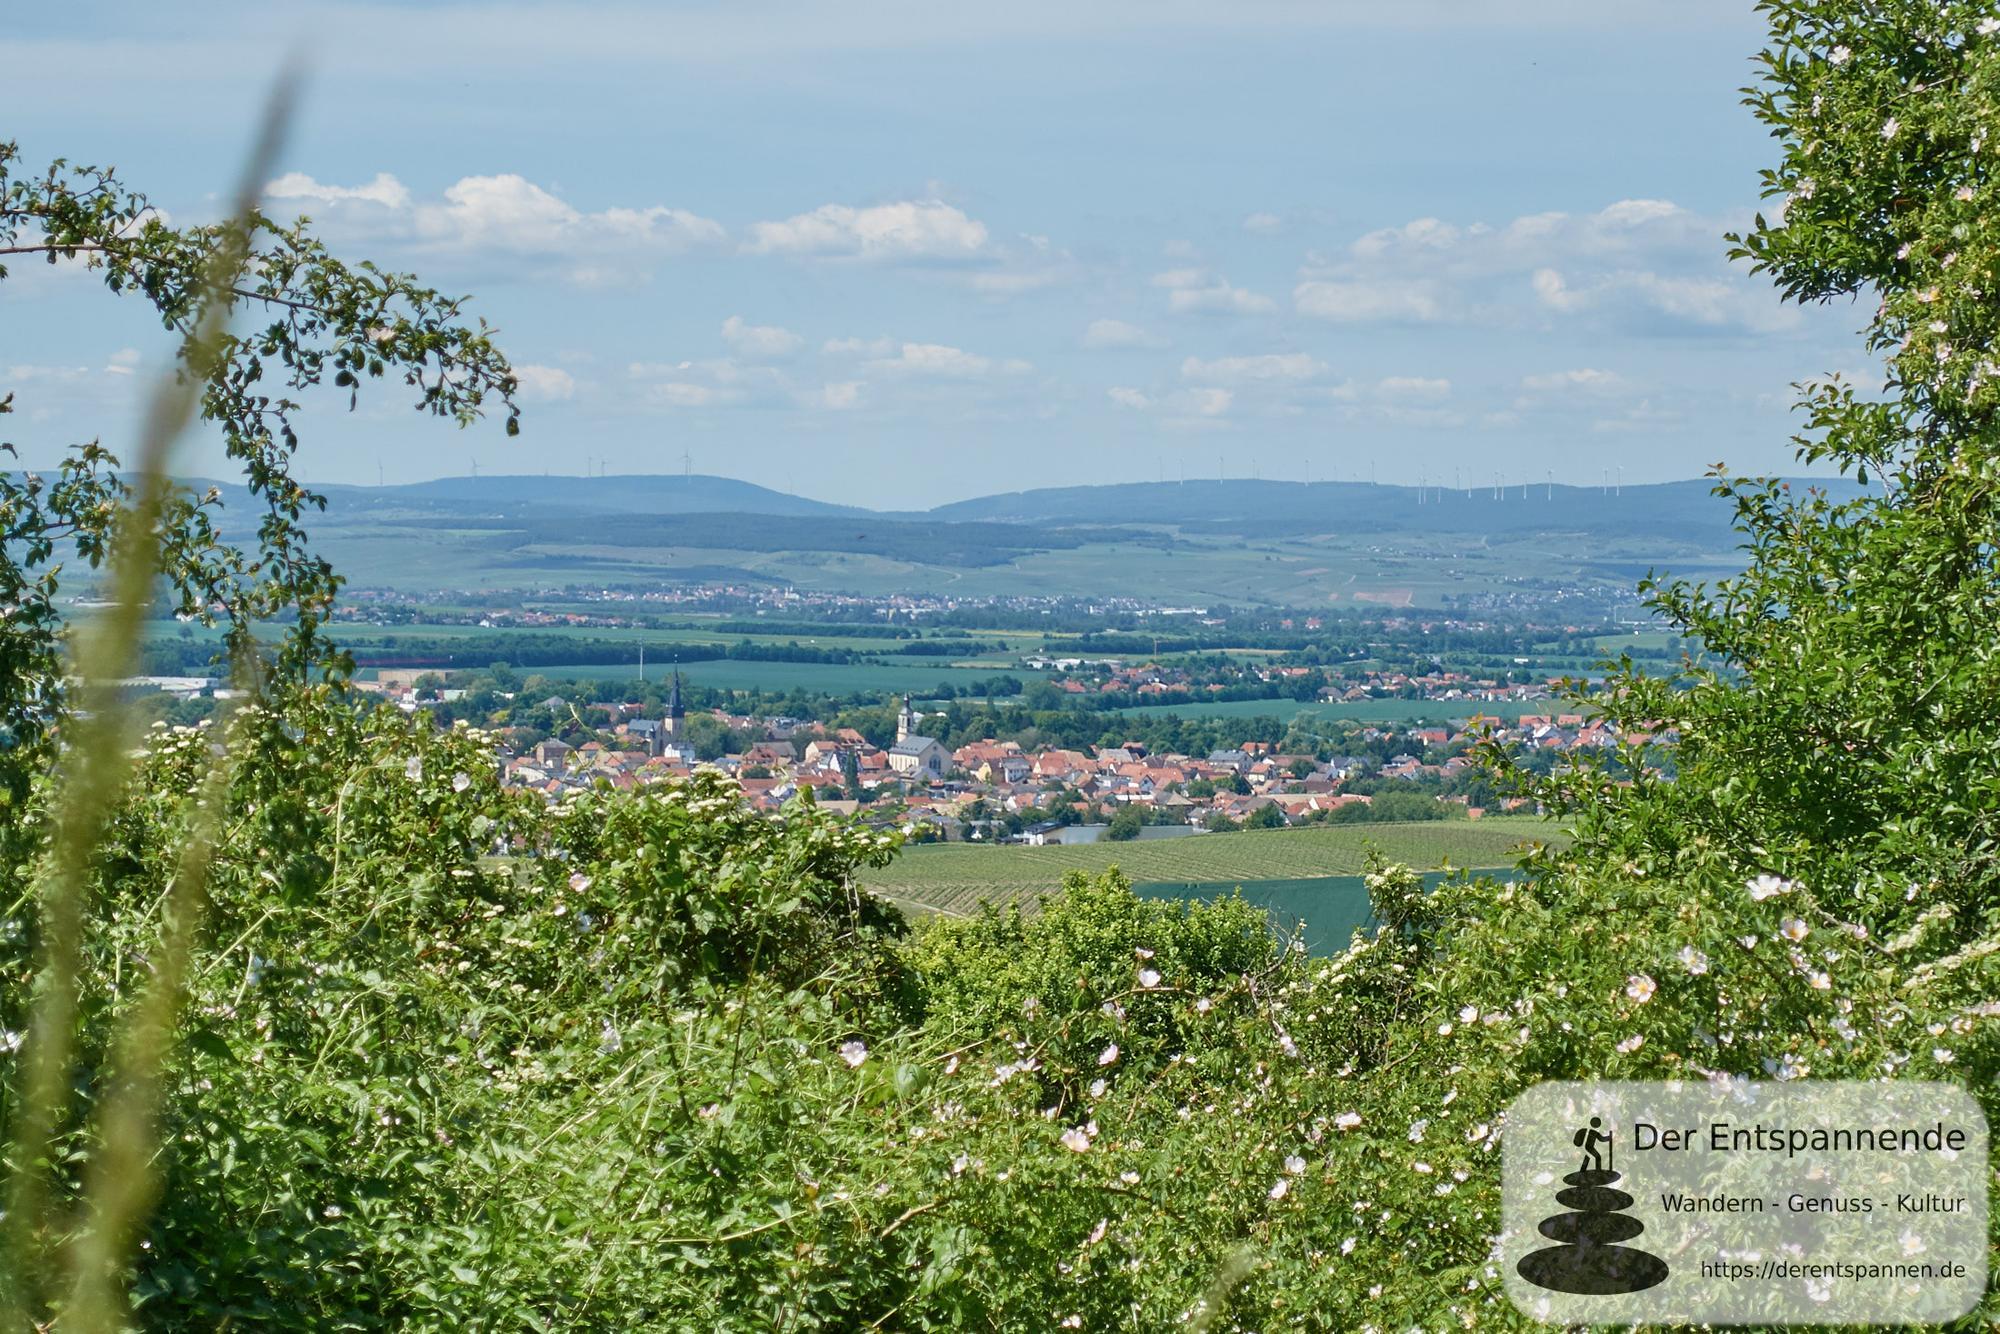 Wandern am Wissberg in der Rheinhessischen Toskana